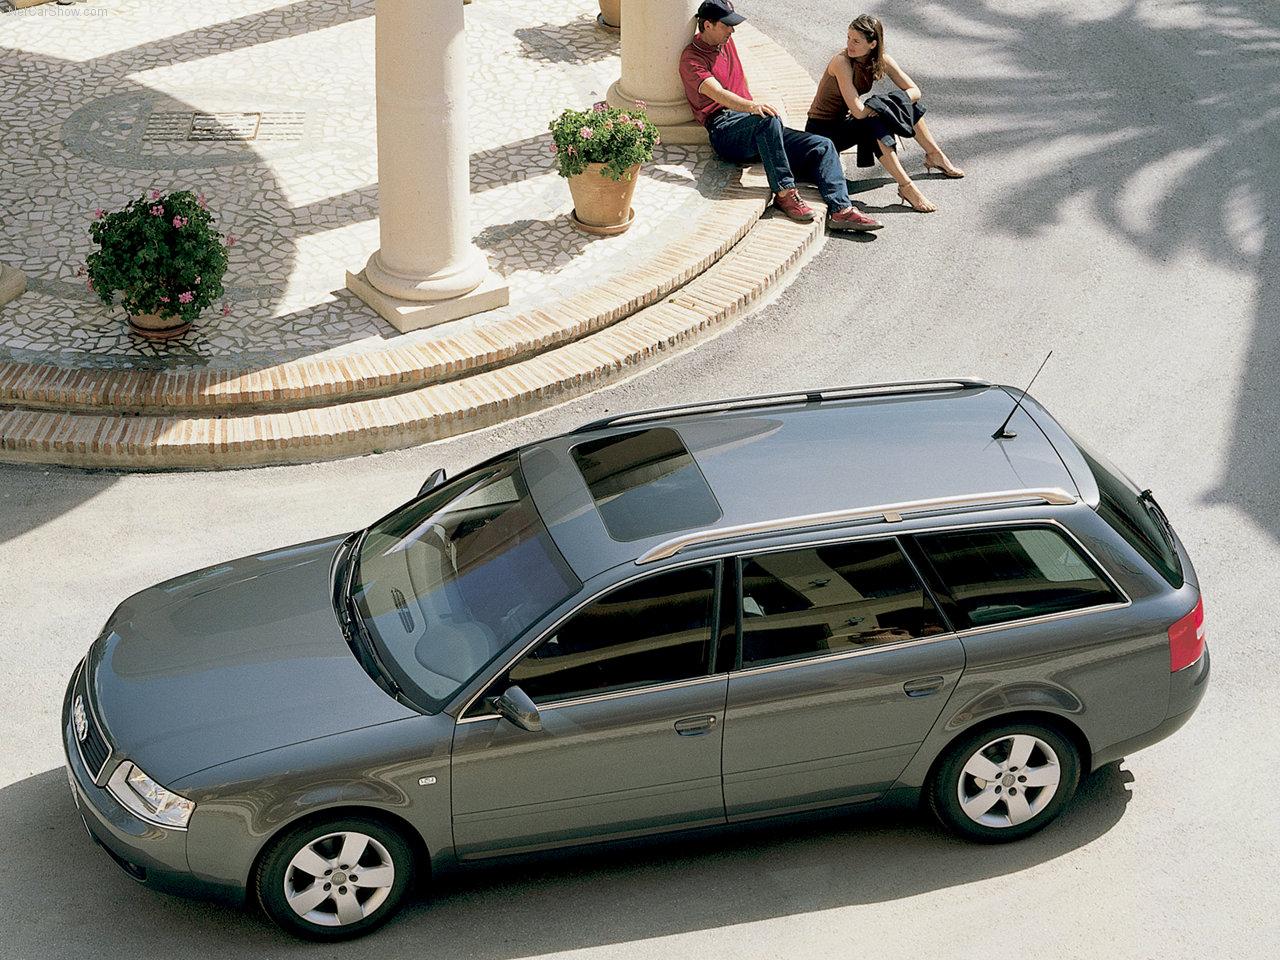 Audi A6 Avant 2001 Audi-A6_Avant-2001-1280-10